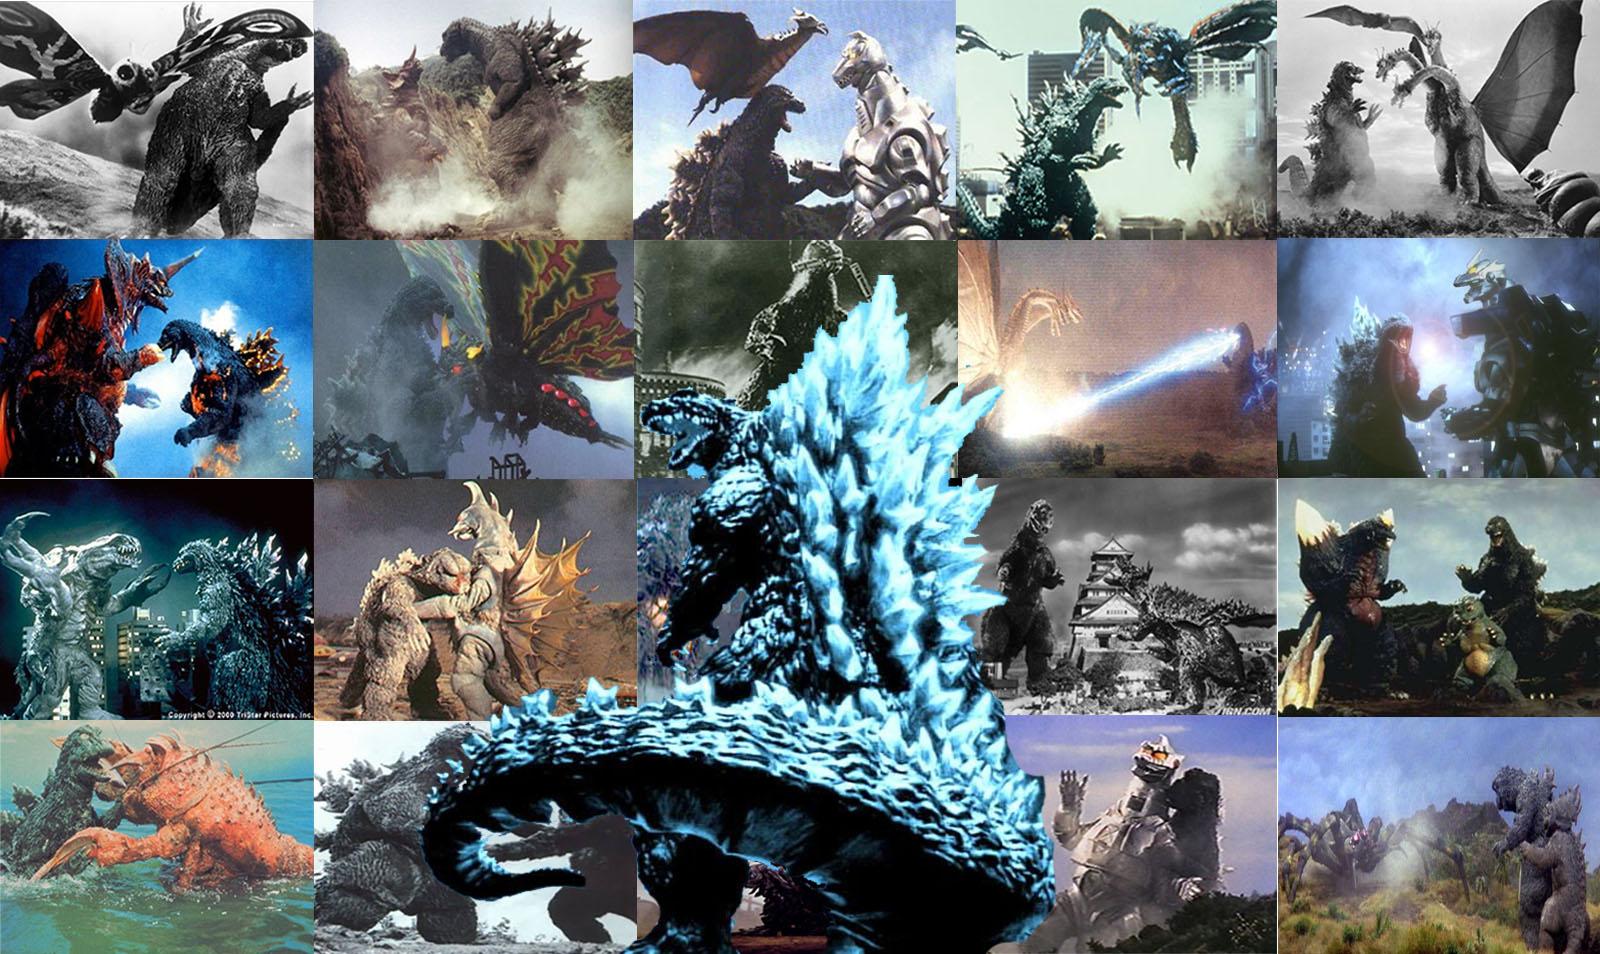 wallpaper godzilla monster dinosaur - photo #32